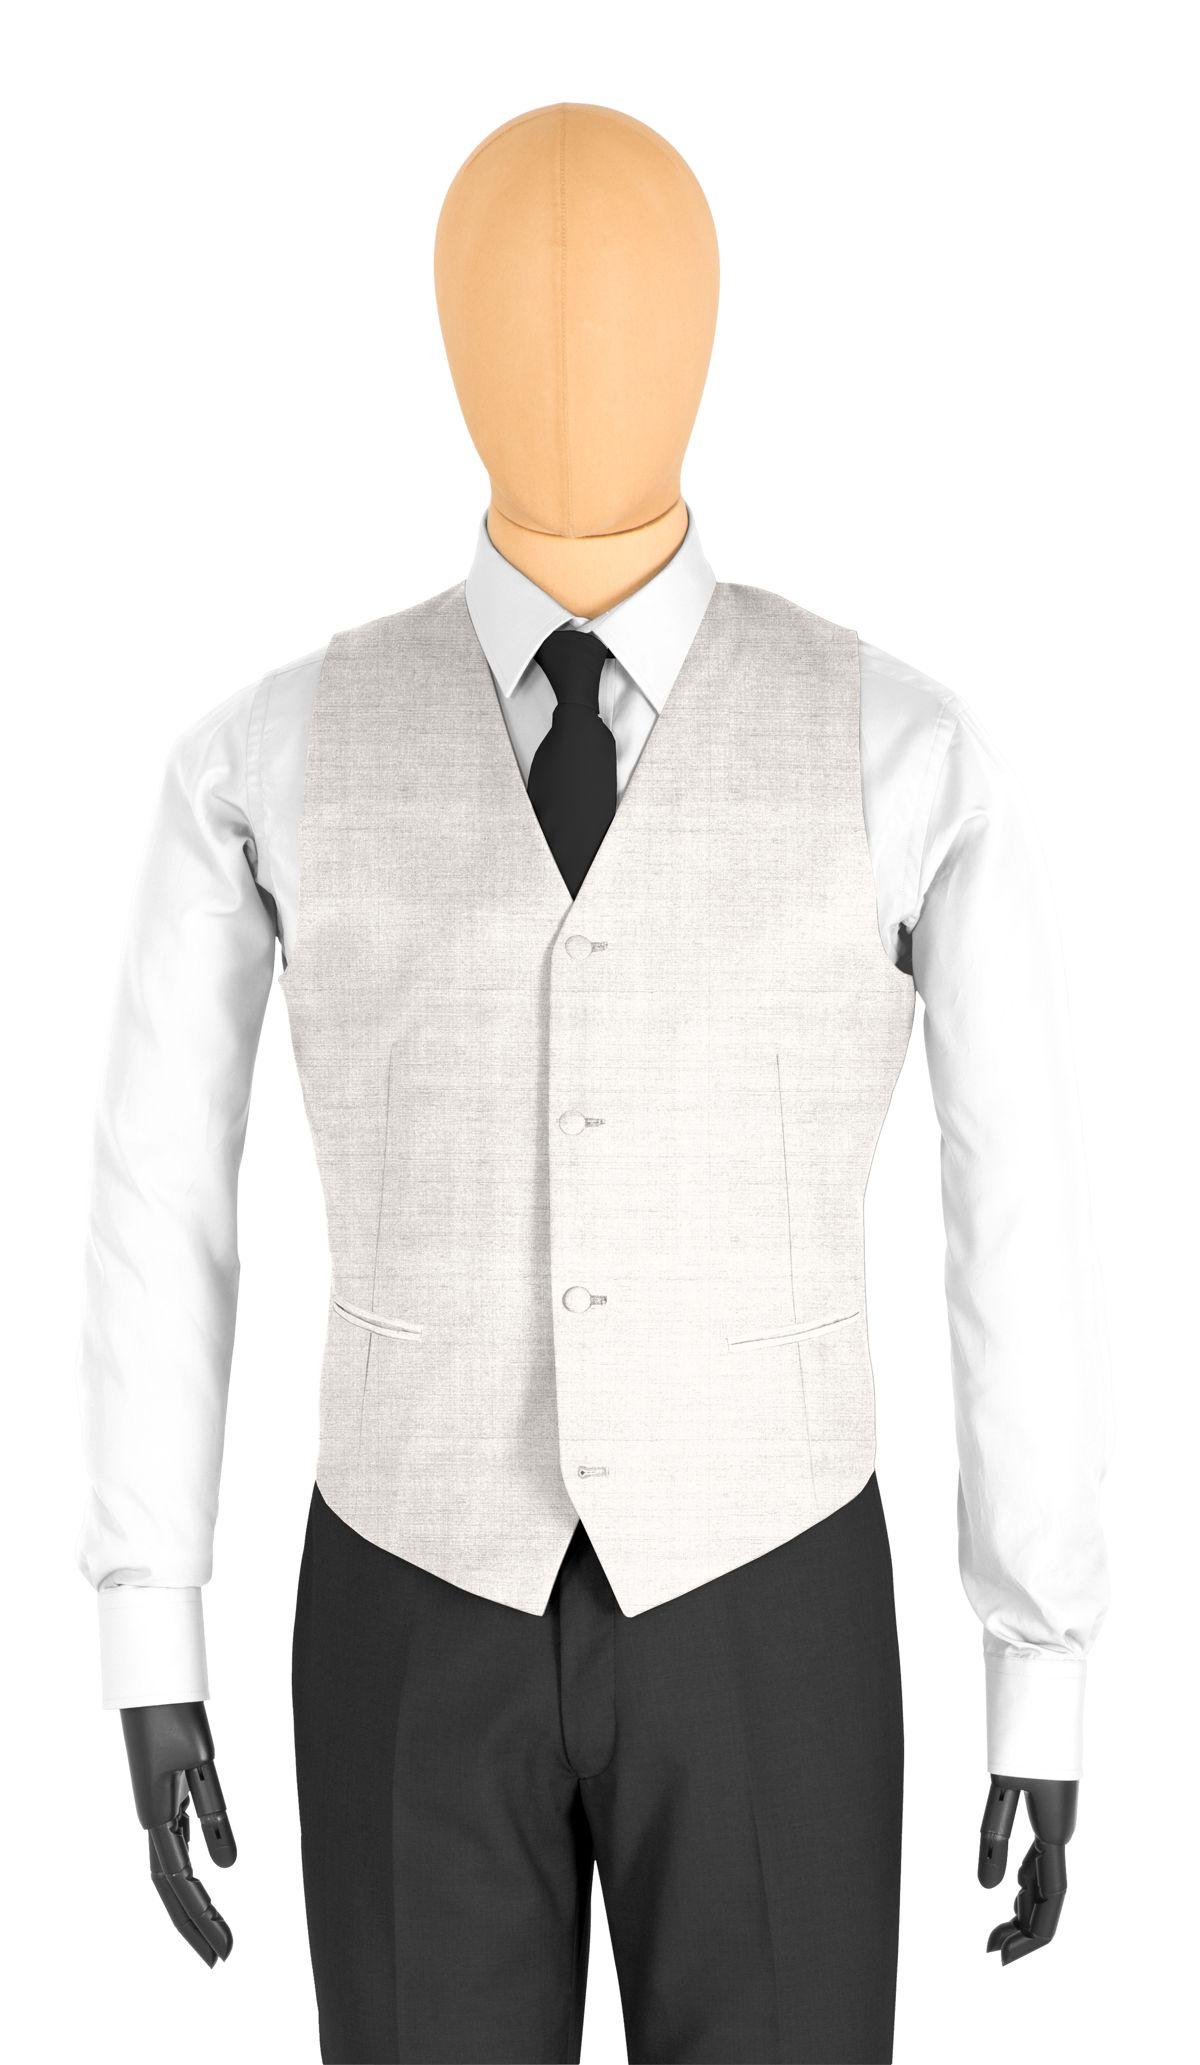 Gilet homme sur mesure et personnalisé gris clair, gris argenté uni  coupe 4 boutons